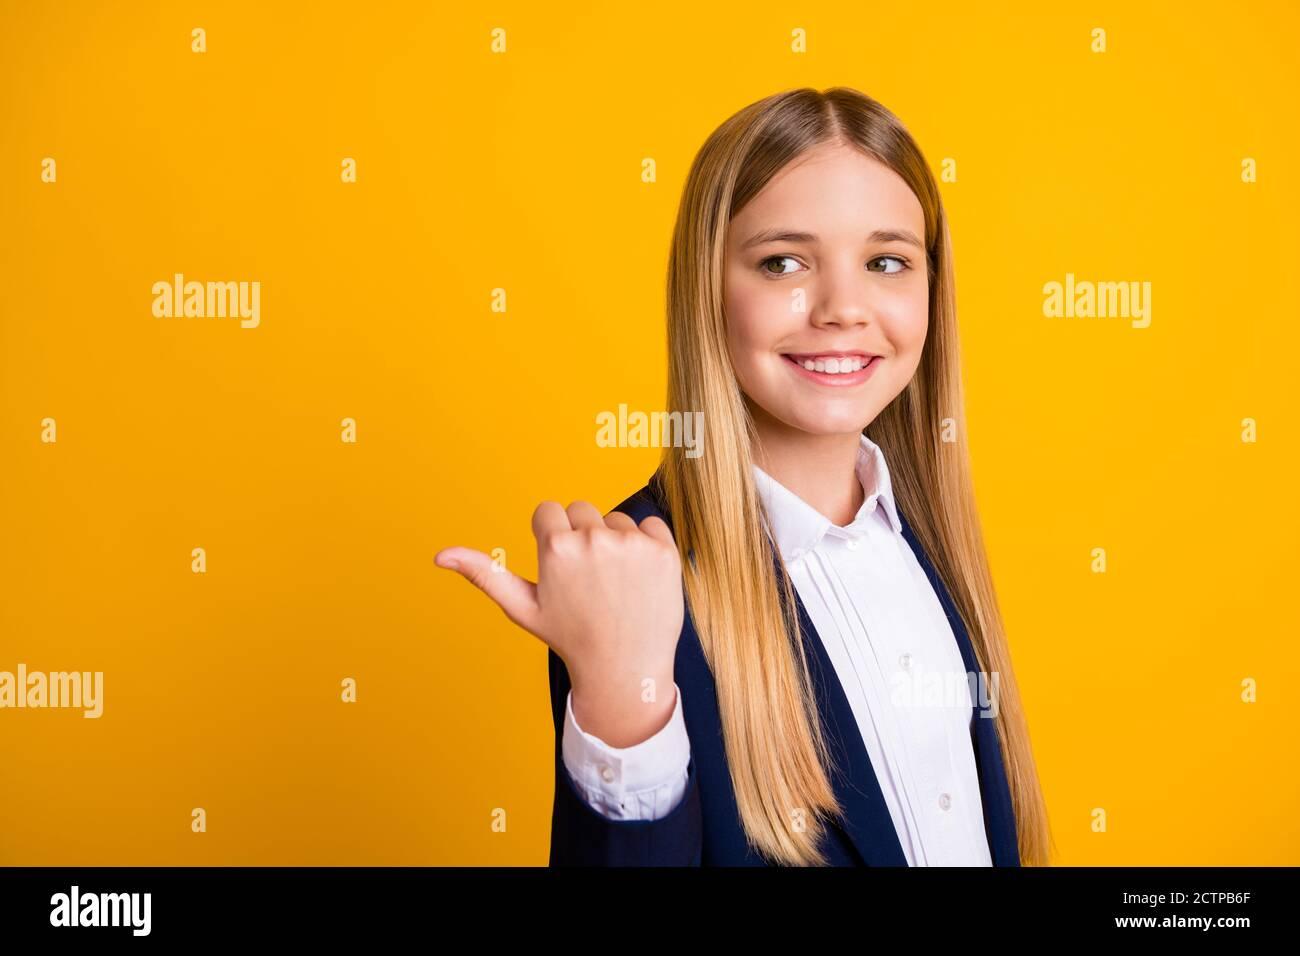 Primo piano-in su ritratto di lei bella bella bella allegra lungo-capelli ragazza che mostra il pollice annuncio pubblicitario copy space look idea accademica isolato luminoso Foto Stock